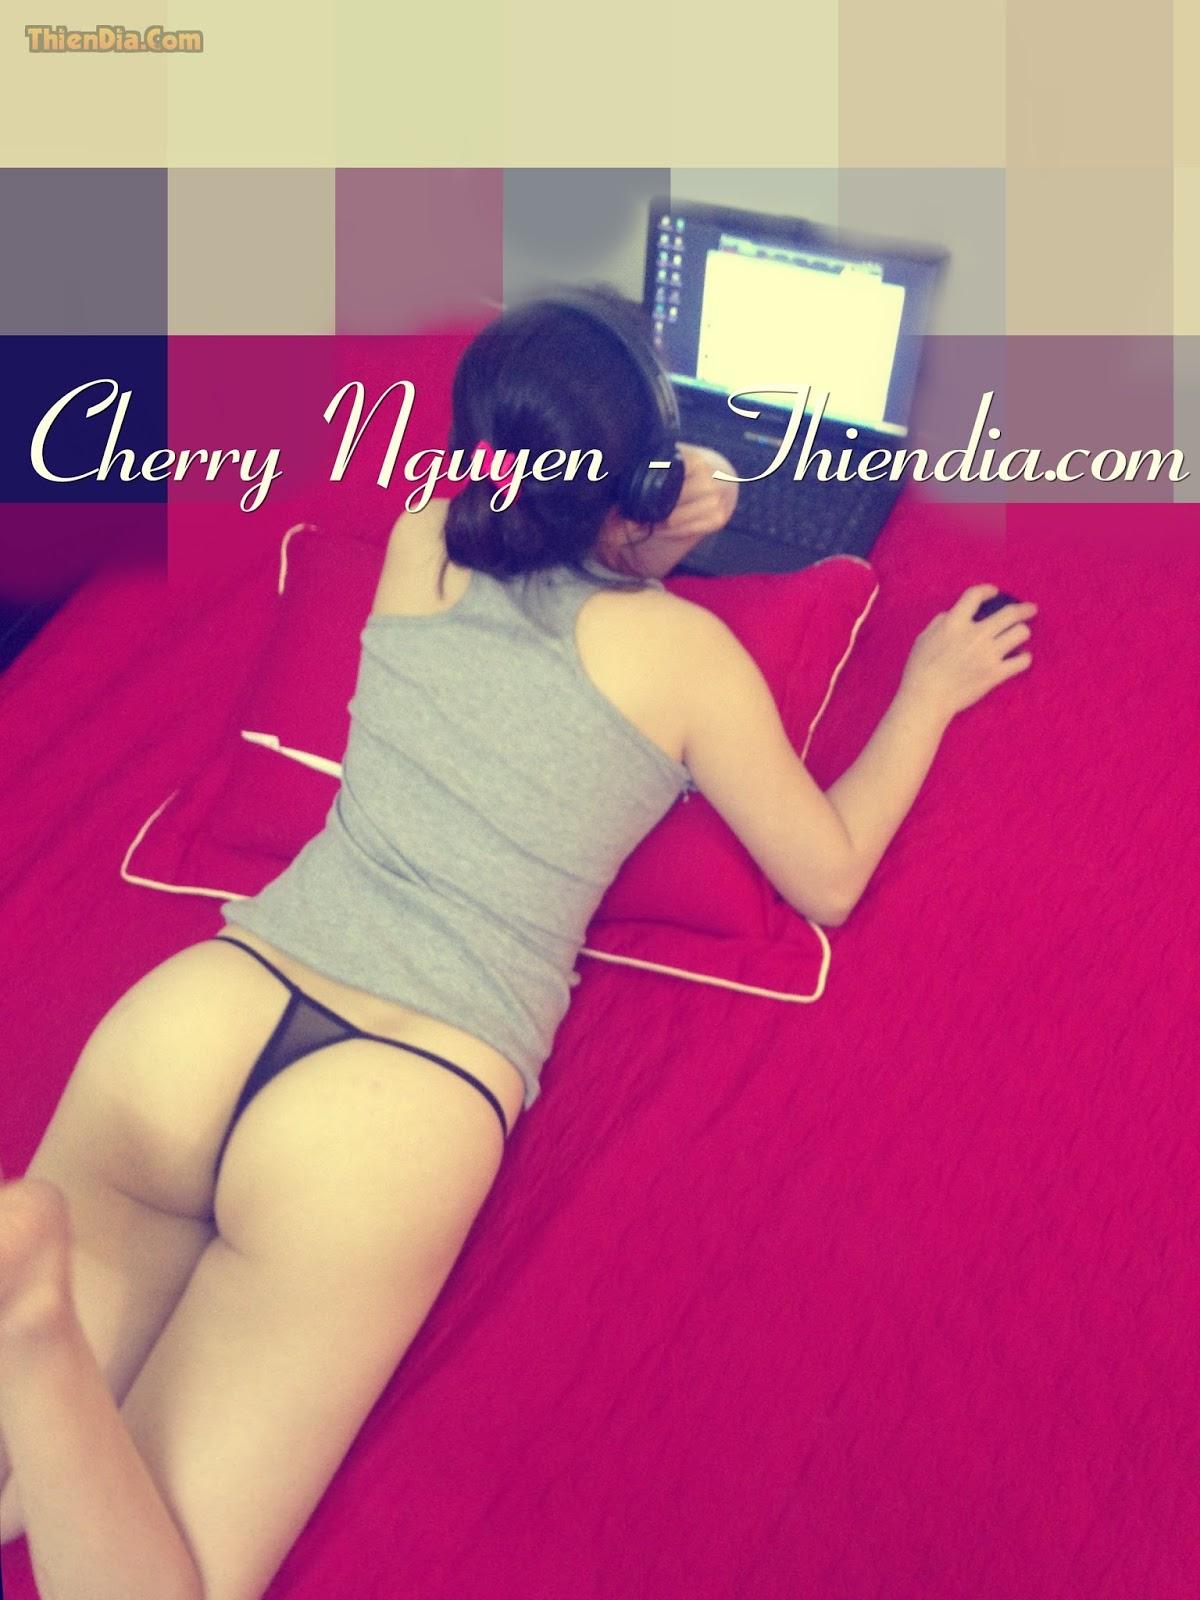 Cherry Nguyen thiendia.com - Ảnh sex full HD của Cherry Nguyen